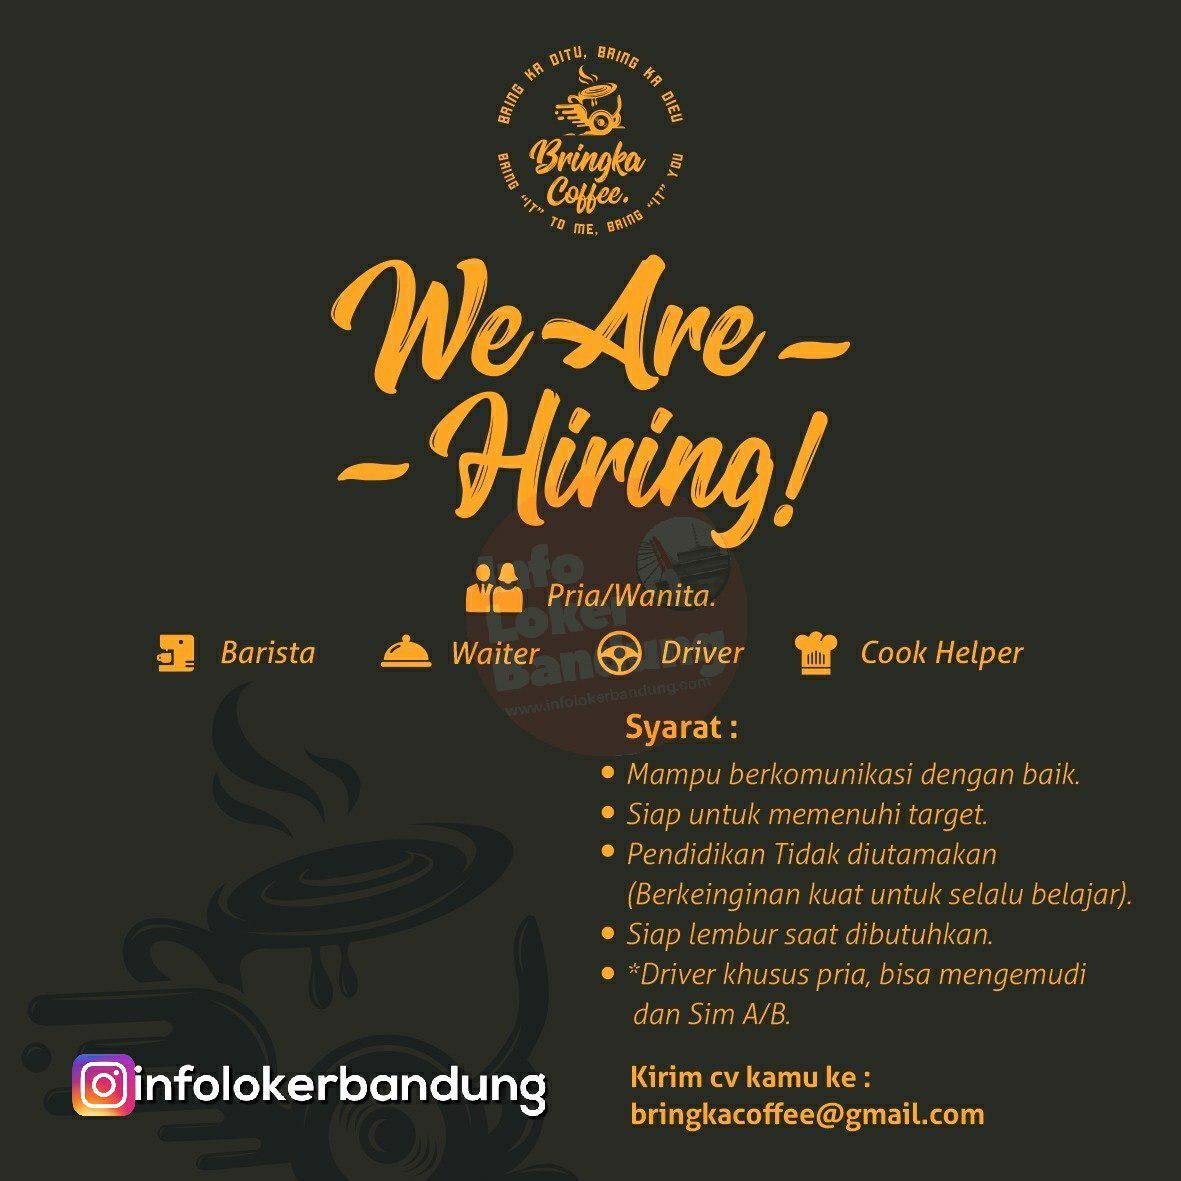 Lowongan Kerja Bringka Coffee Bandung Januari 2019